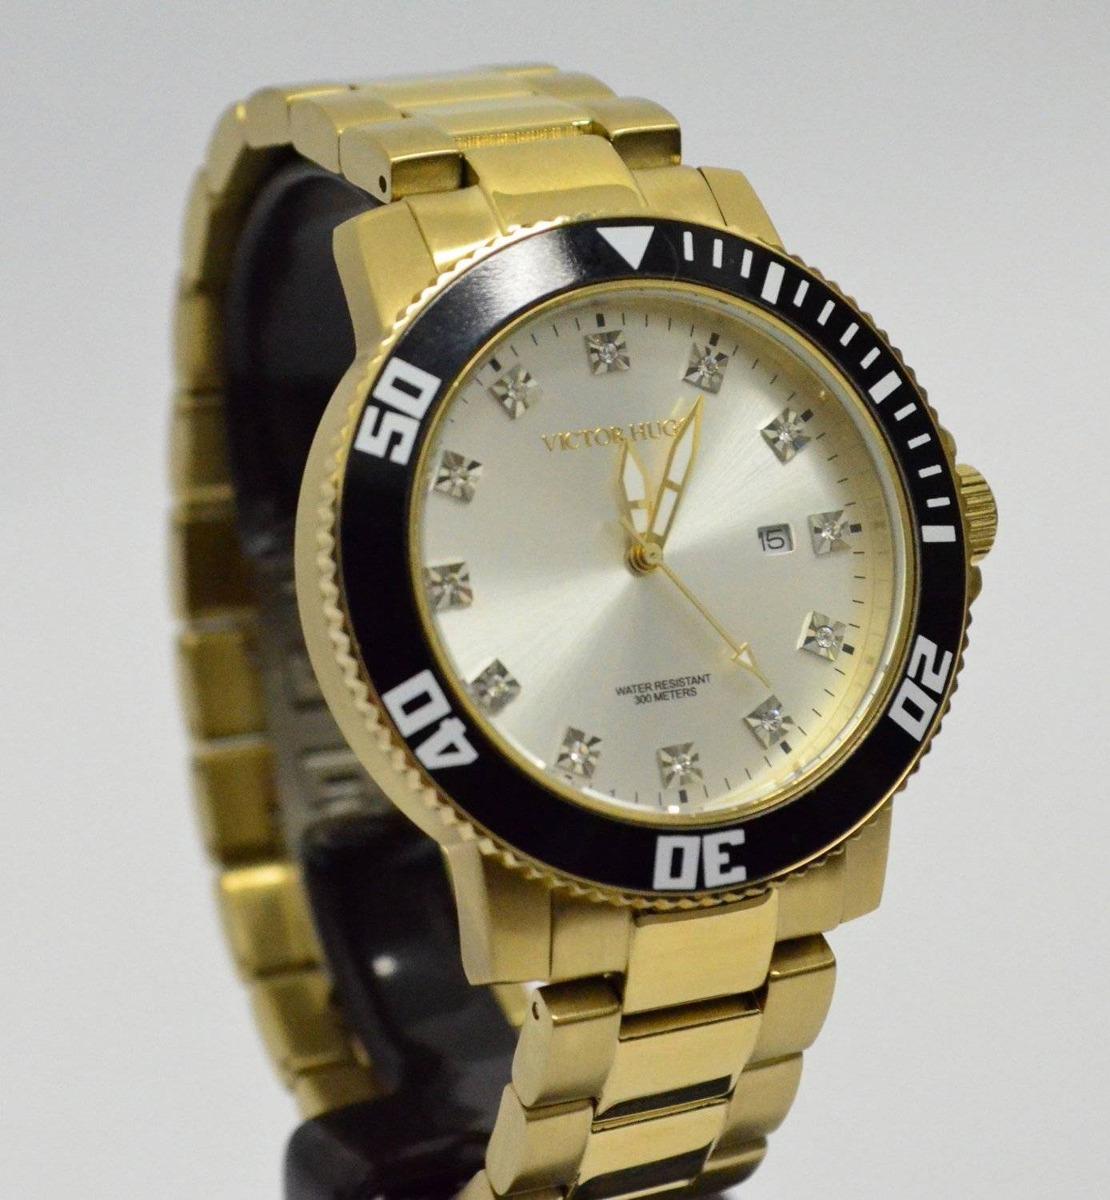 ab3134227cc relógio victor hugo feminino vh10109gsg dourado aro preto. Carregando zoom.